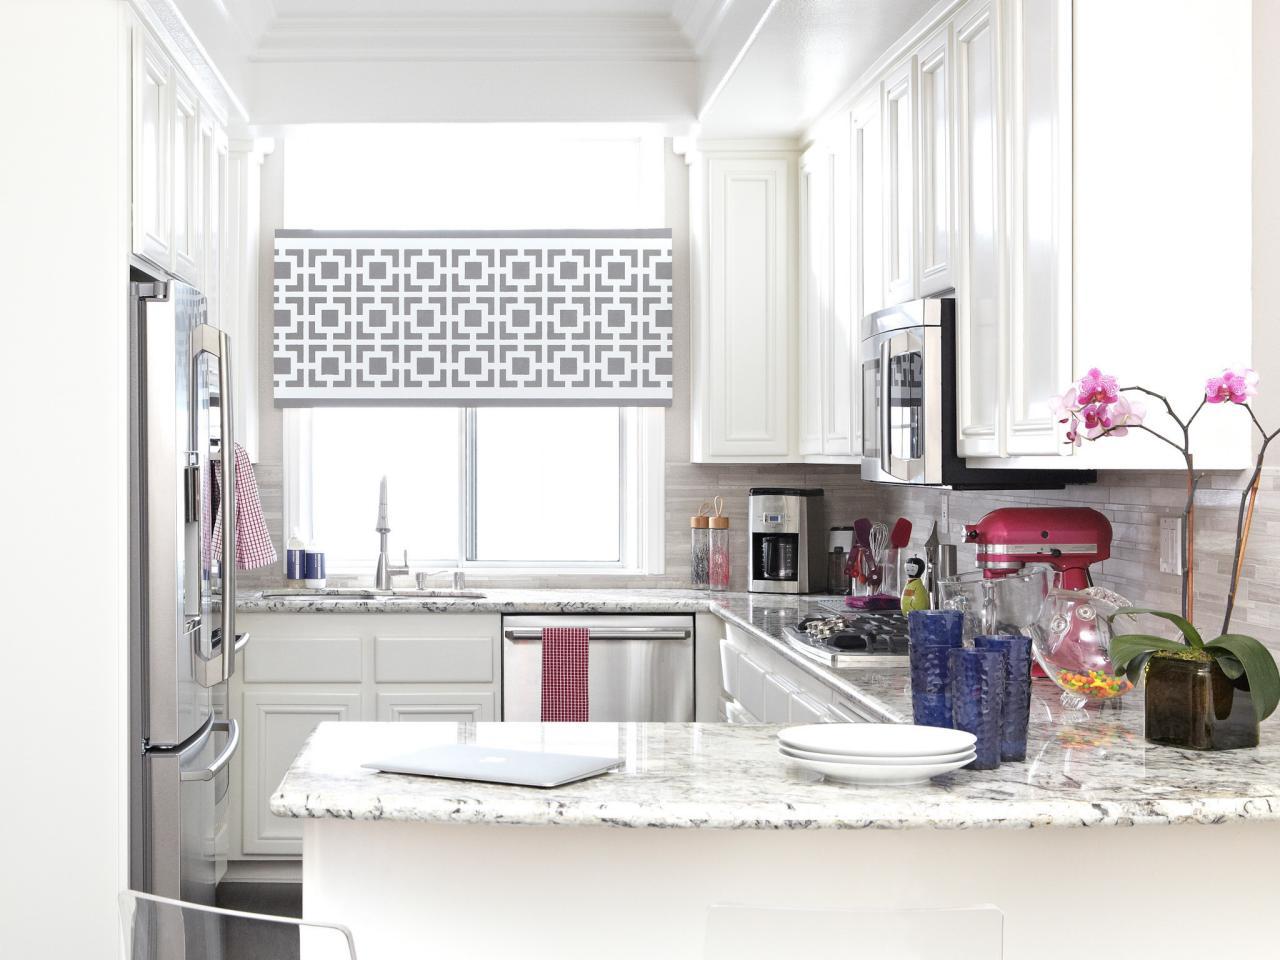 Скандинавский стиль станет удачным выбором для маленькой кухни, поскольку светлый цвет и простота форм способны визуально расширить простанство